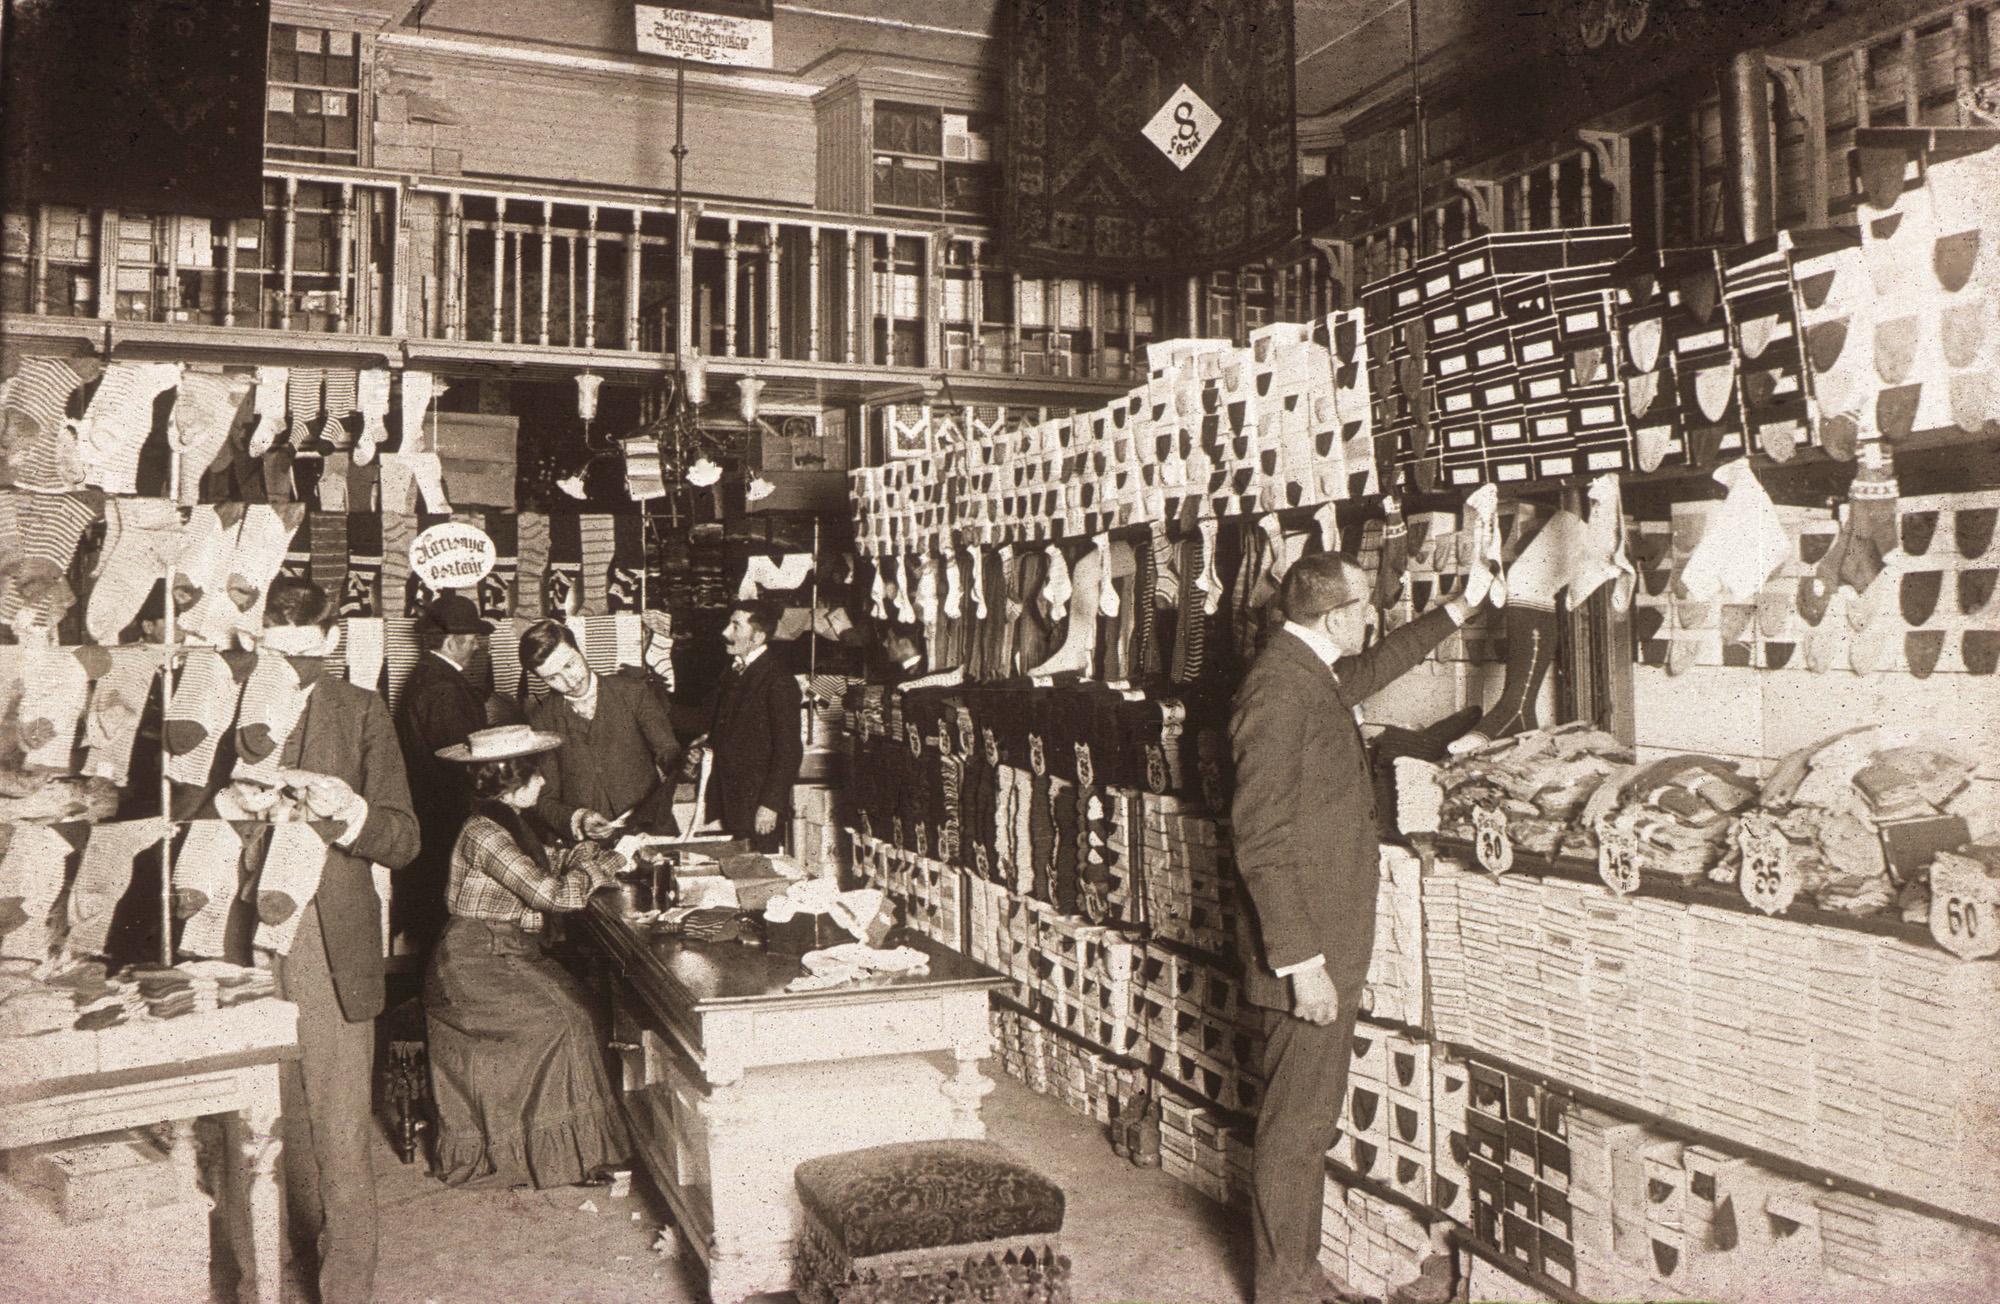 Fotó: Klösz György: A Párizsi áruházban, 1900 körül (Kisképző Digitális Fotótár)